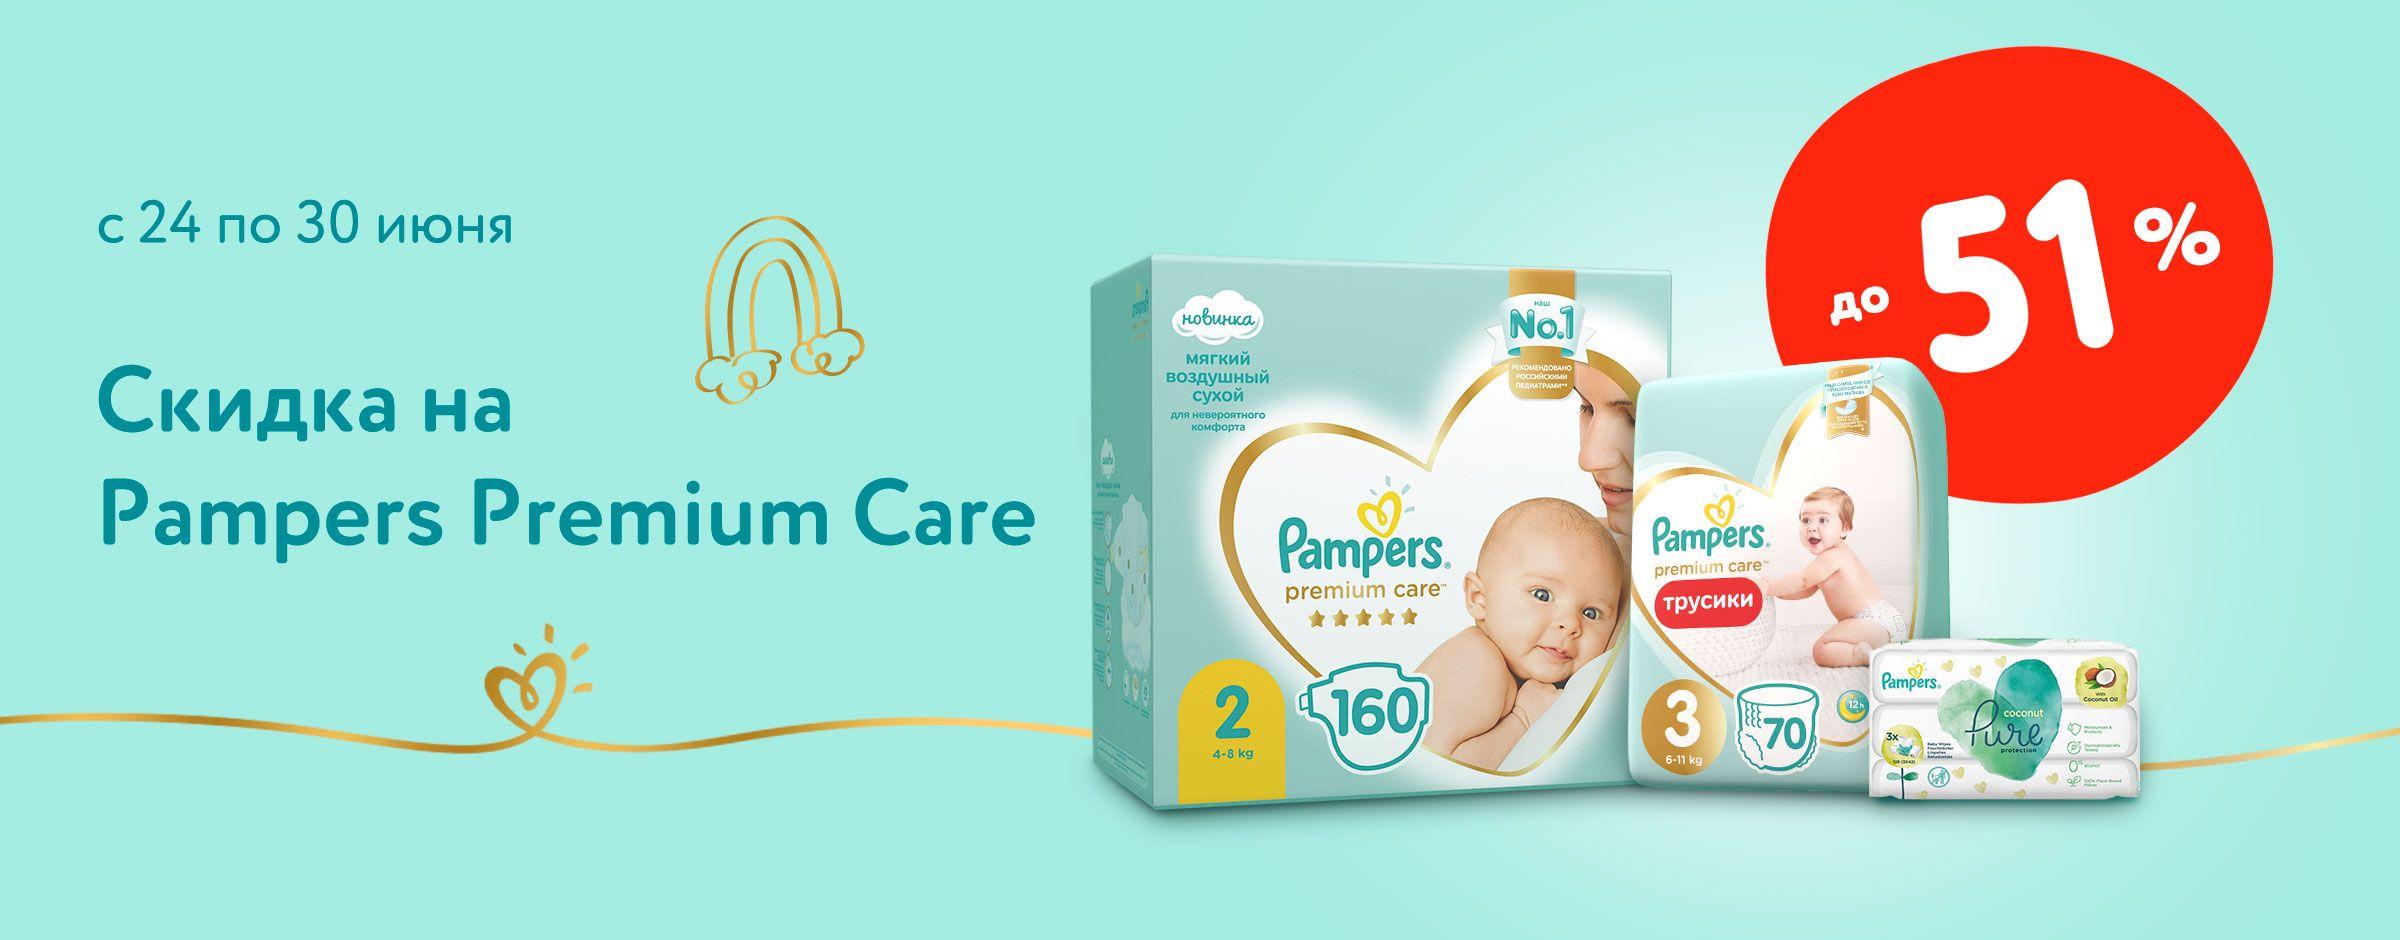 Pampers premium care Питание и Игрушки для малышей категории 3